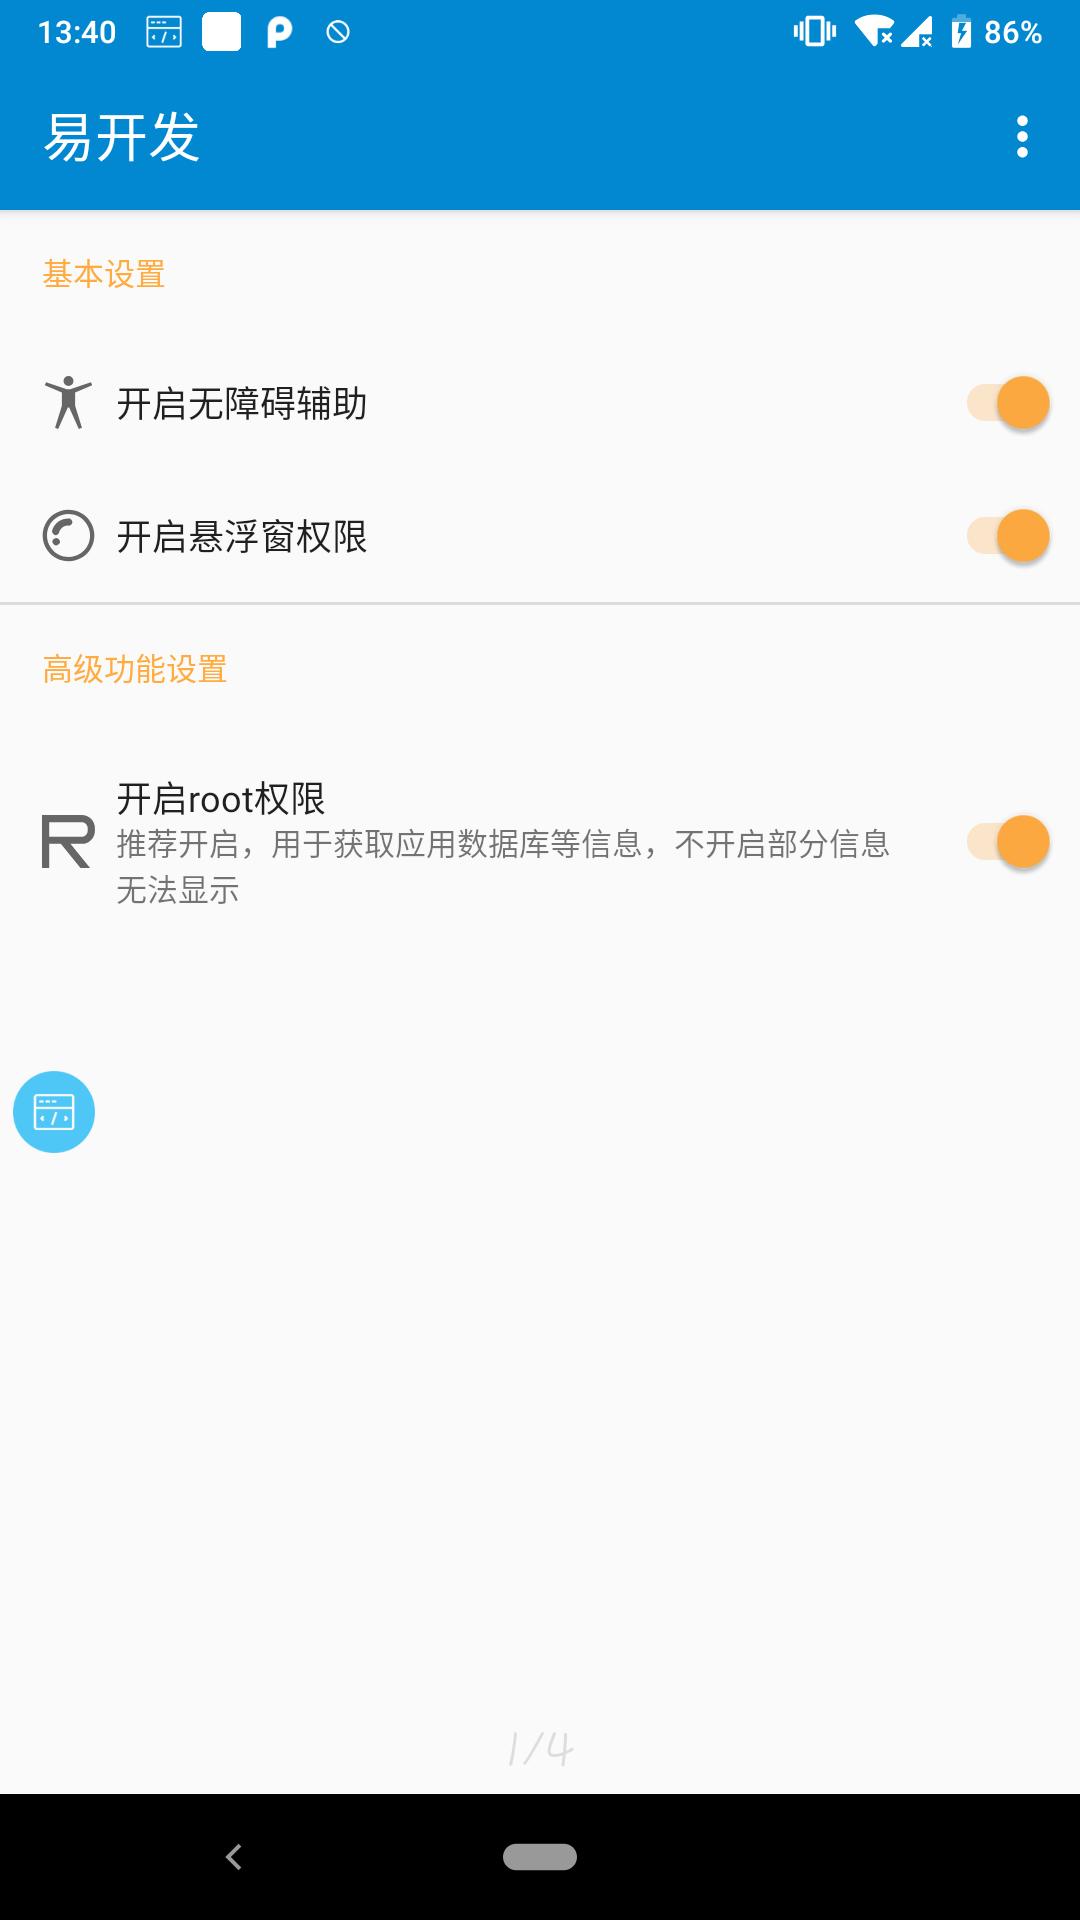 【分享】易开发 1.0.4